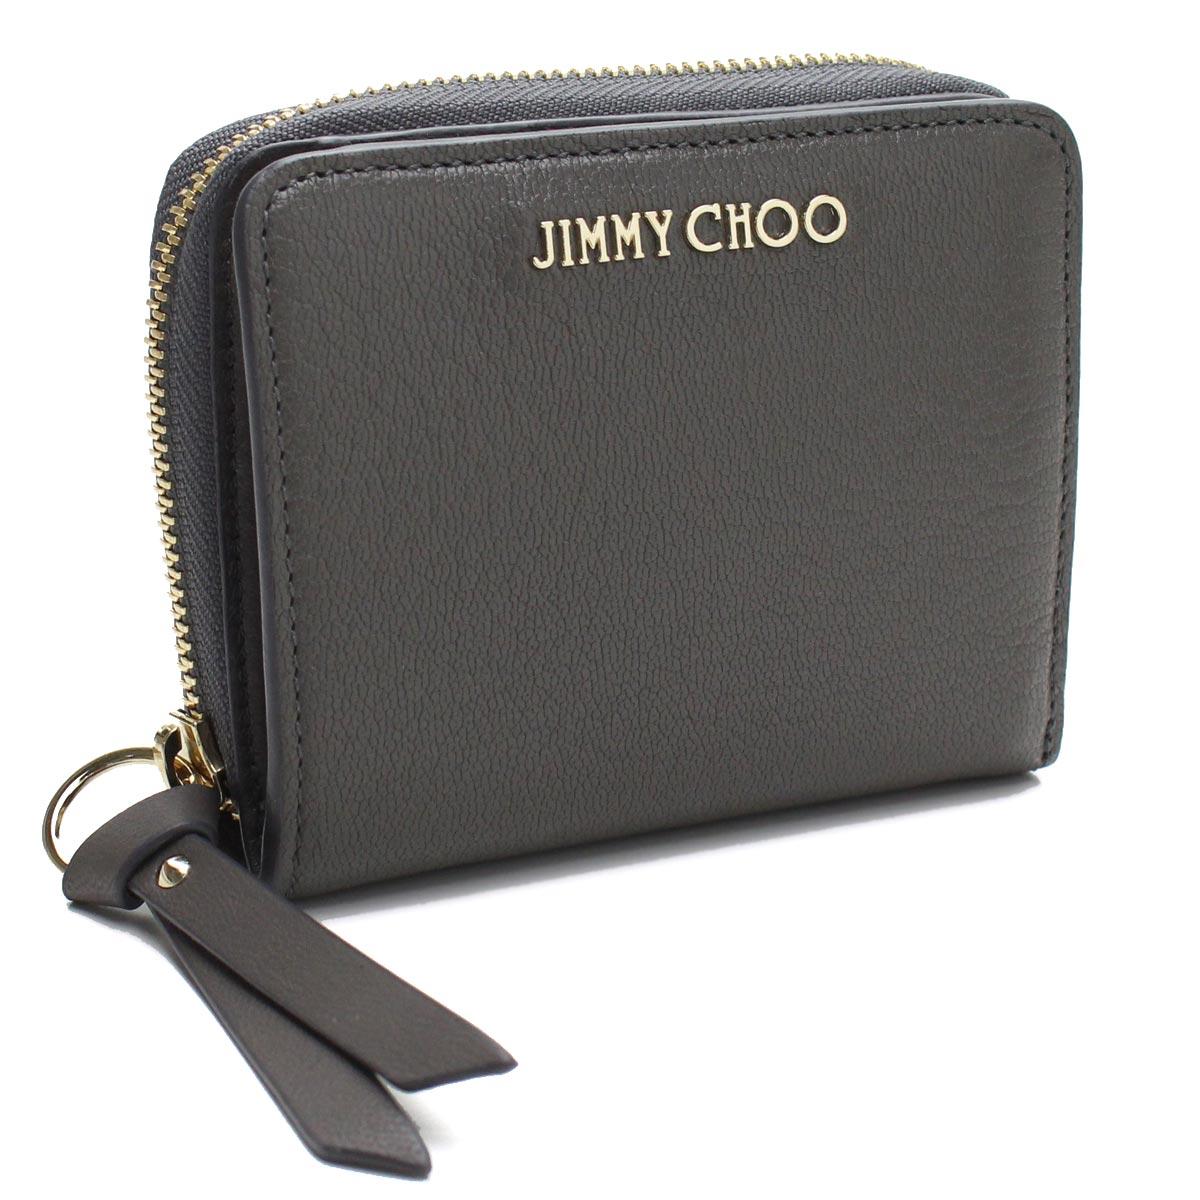 【訳あり】ジミーチュウ JIMMY CHOO 2つ折り財布 REGINA GRZ DARK GREY DARK GREY グレー系 【レディース】